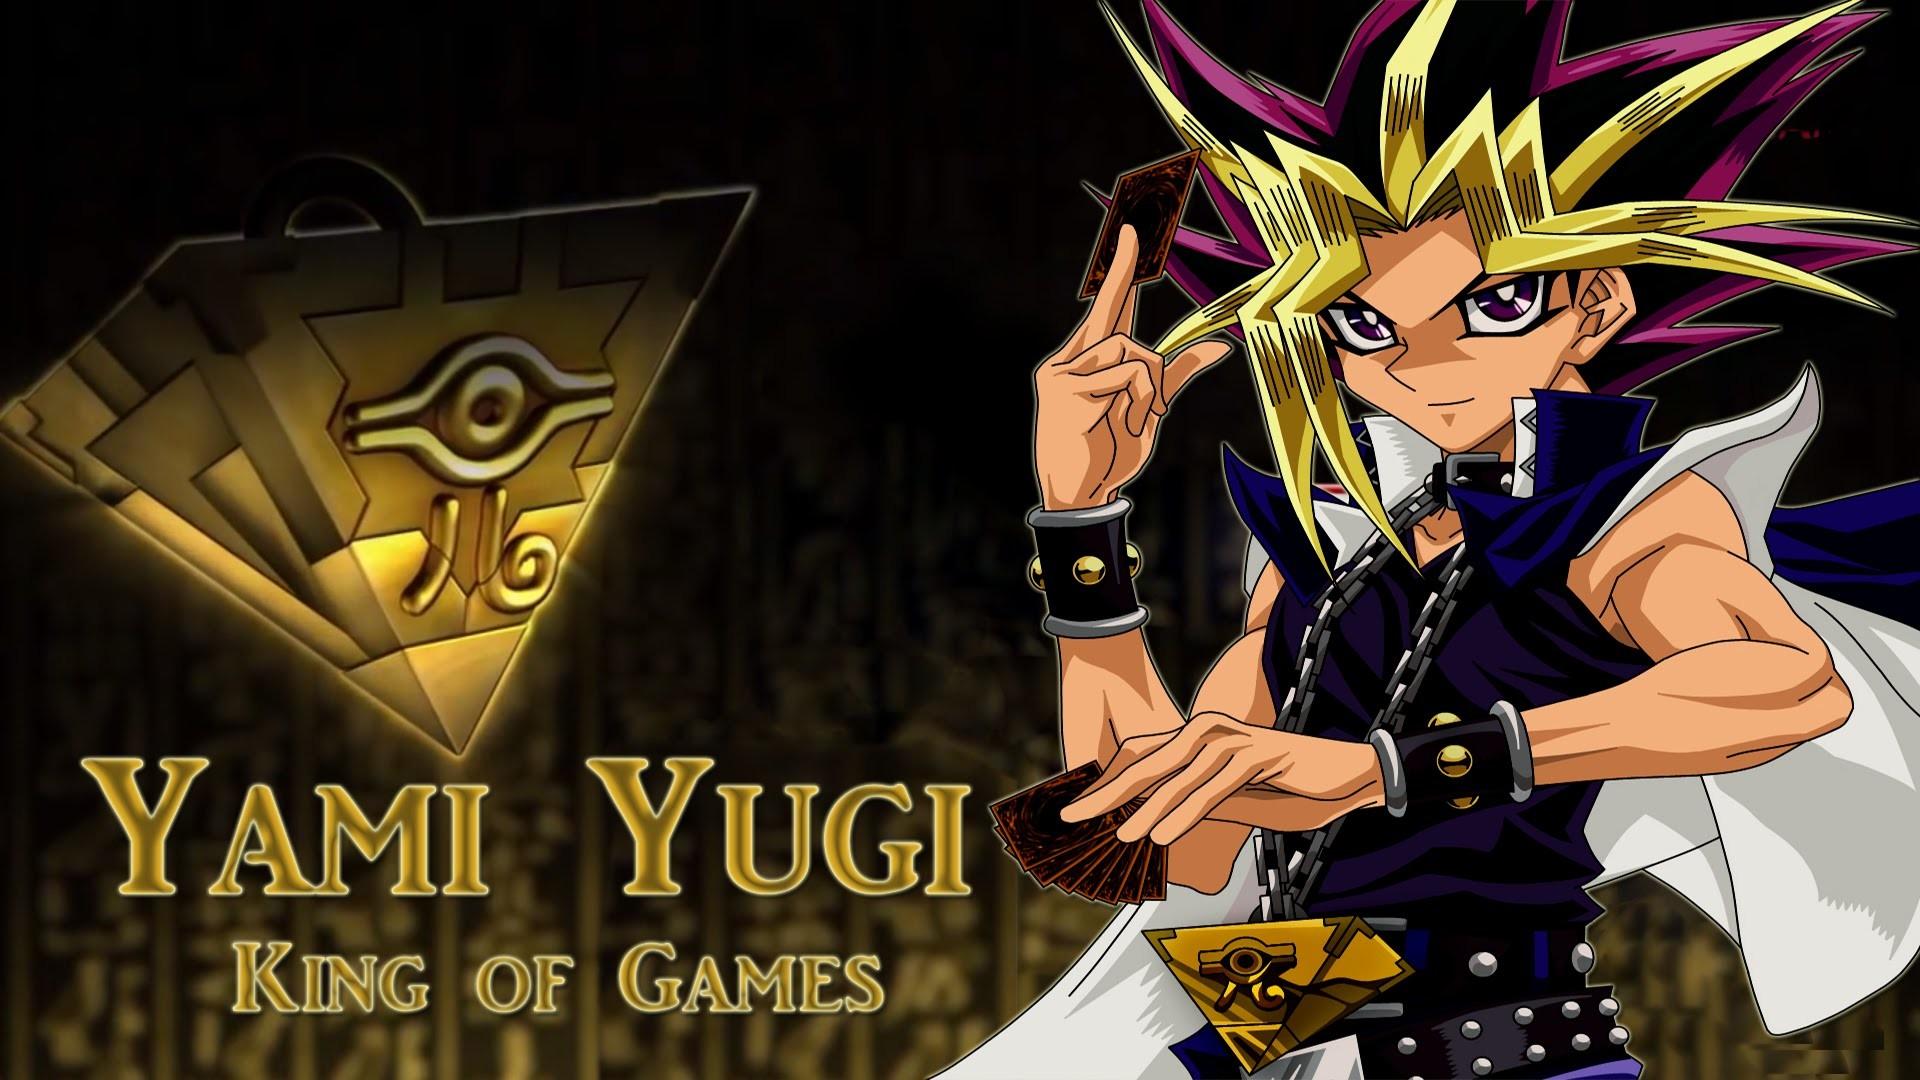 Yu Gi Oh - Yu Gi Oh Hd , HD Wallpaper & Backgrounds